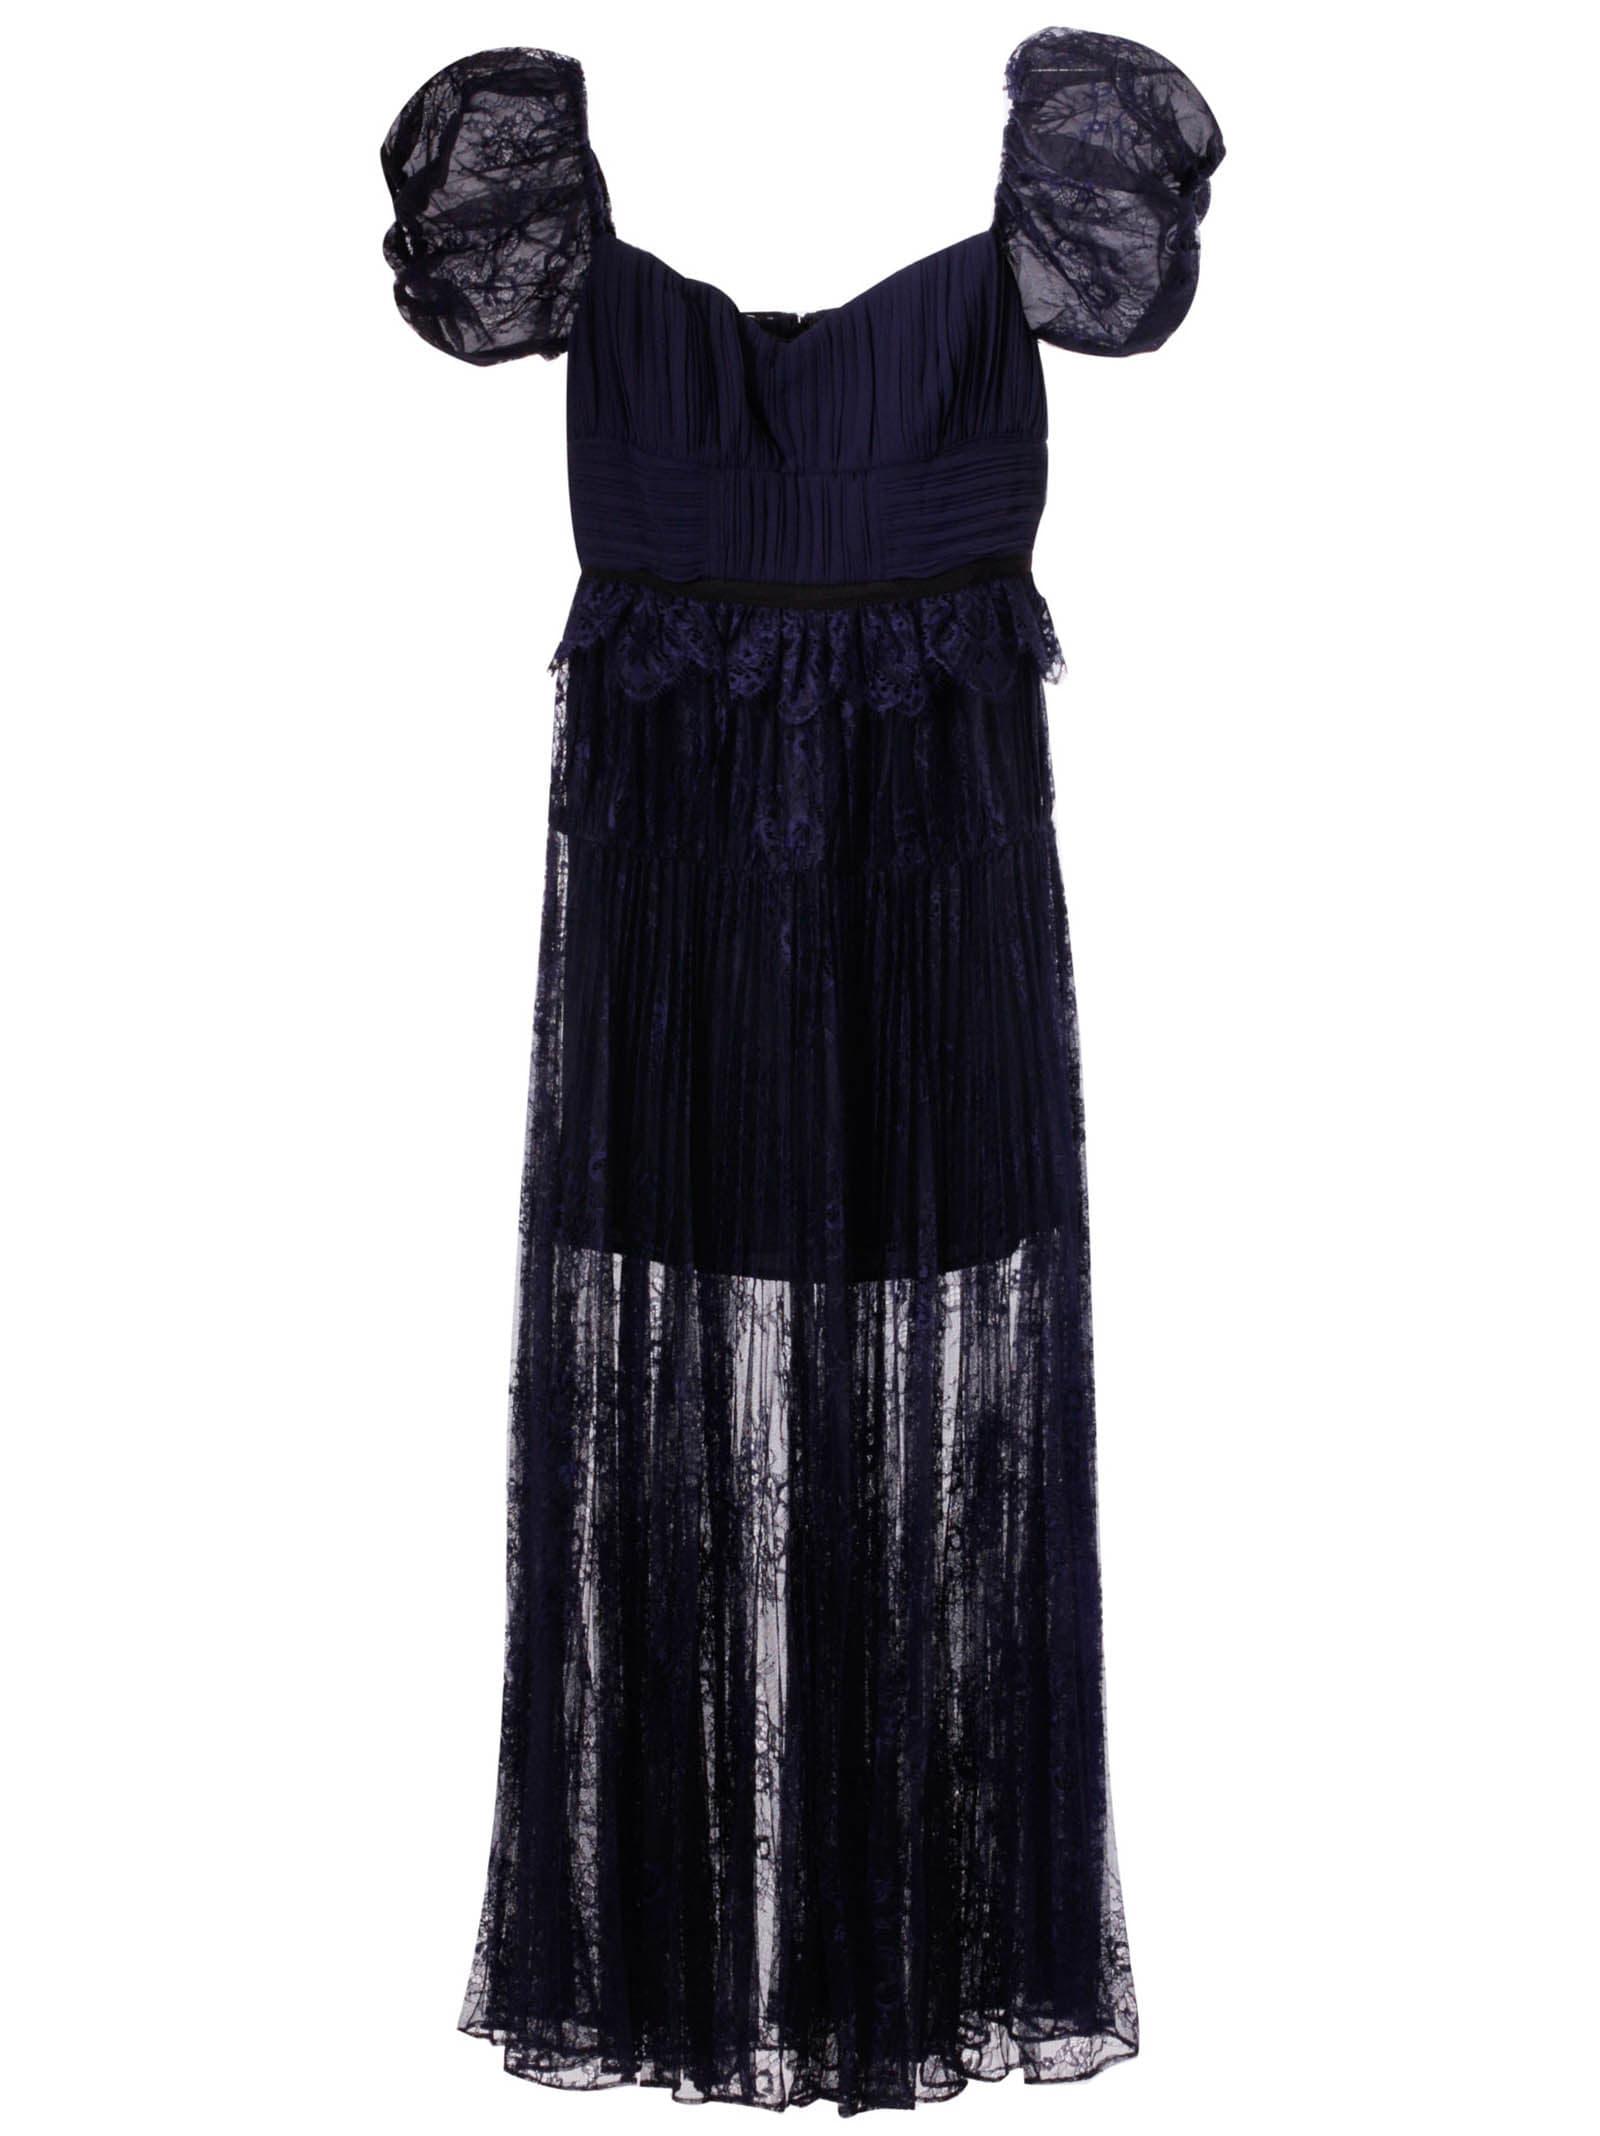 self-portrait Floral Scallop Dress